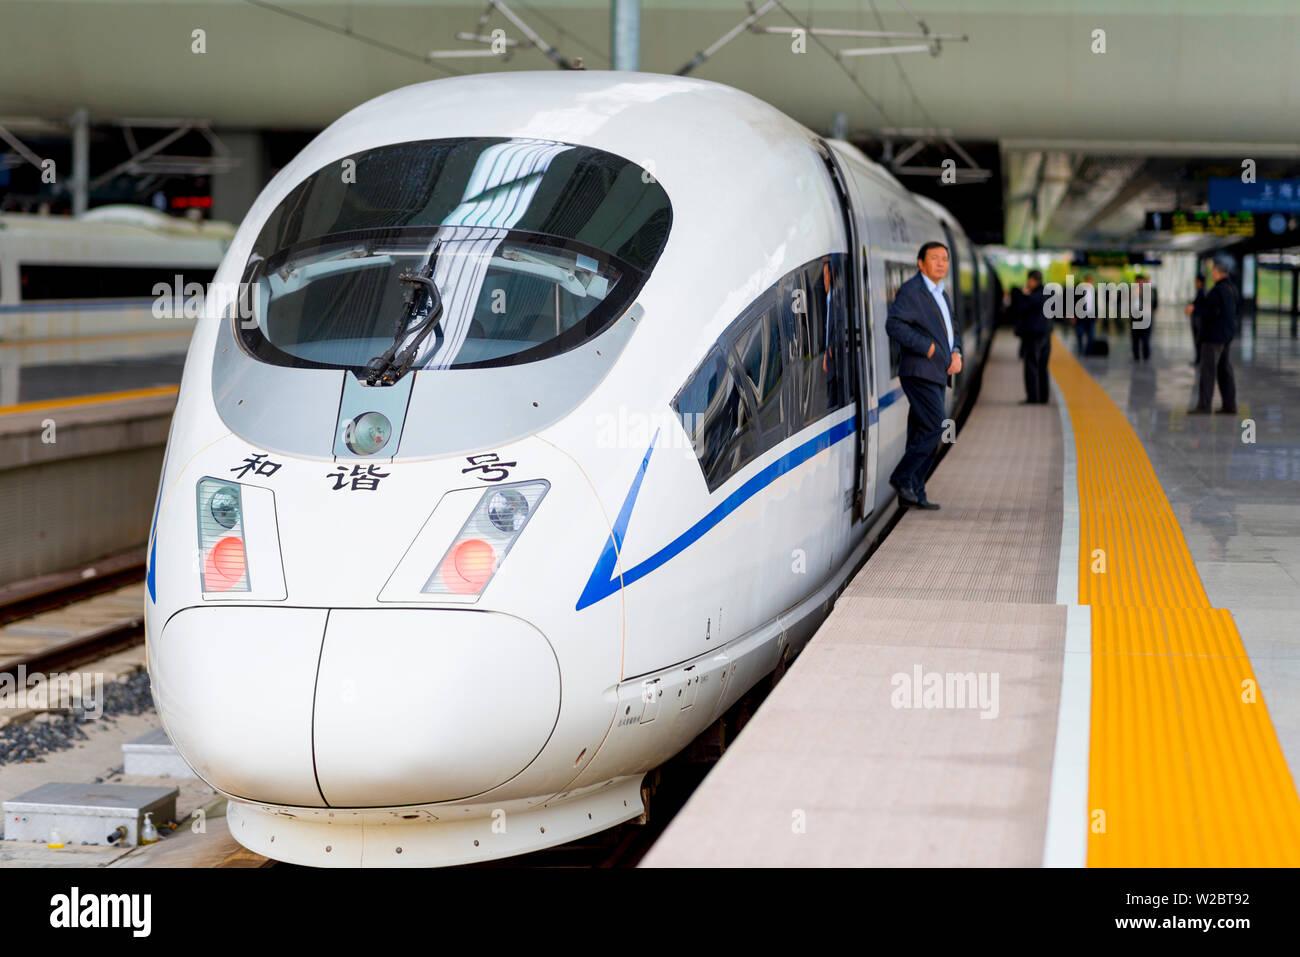 Cina, Shanghai, Minhang District Shanghai Hongqiao stazione ferroviaria, Cina ferrovie CRH3 di un treno ad alta velocità, un G-treno di classe tra Shanghai e Pechino Immagini Stock